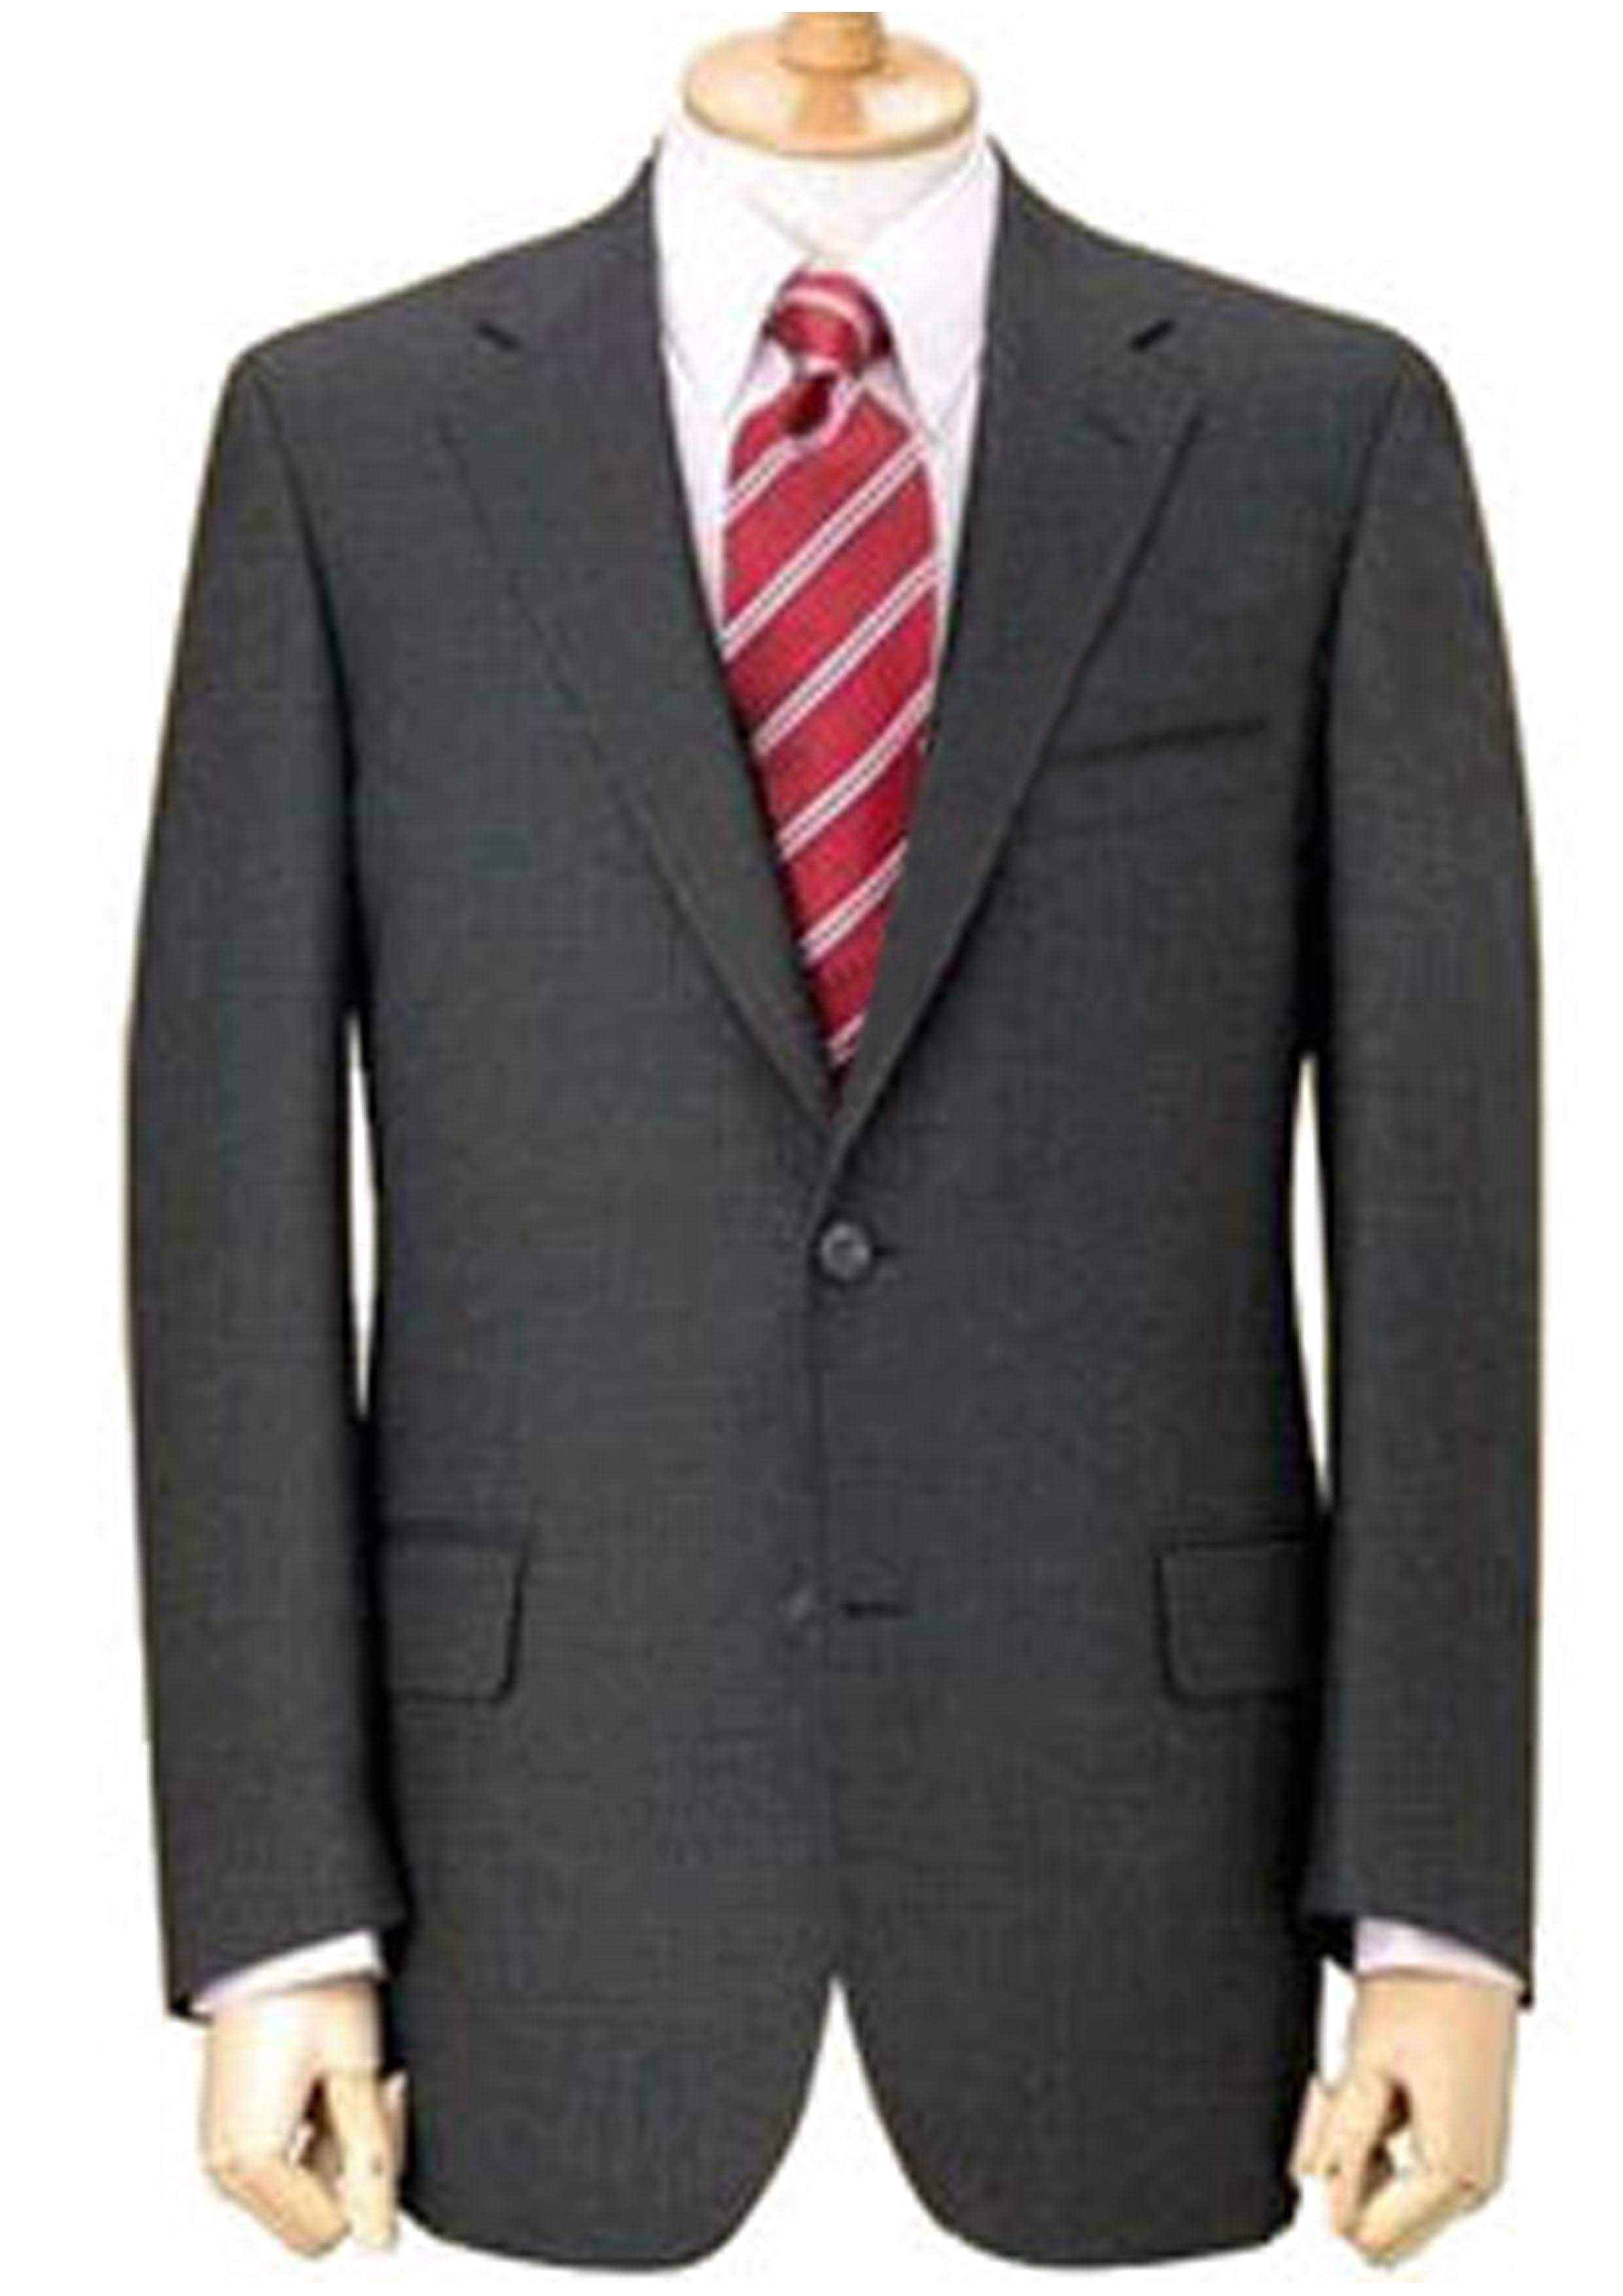 怎样定制属于自己的精品男装呢?定制时需要哪些尺寸呢?